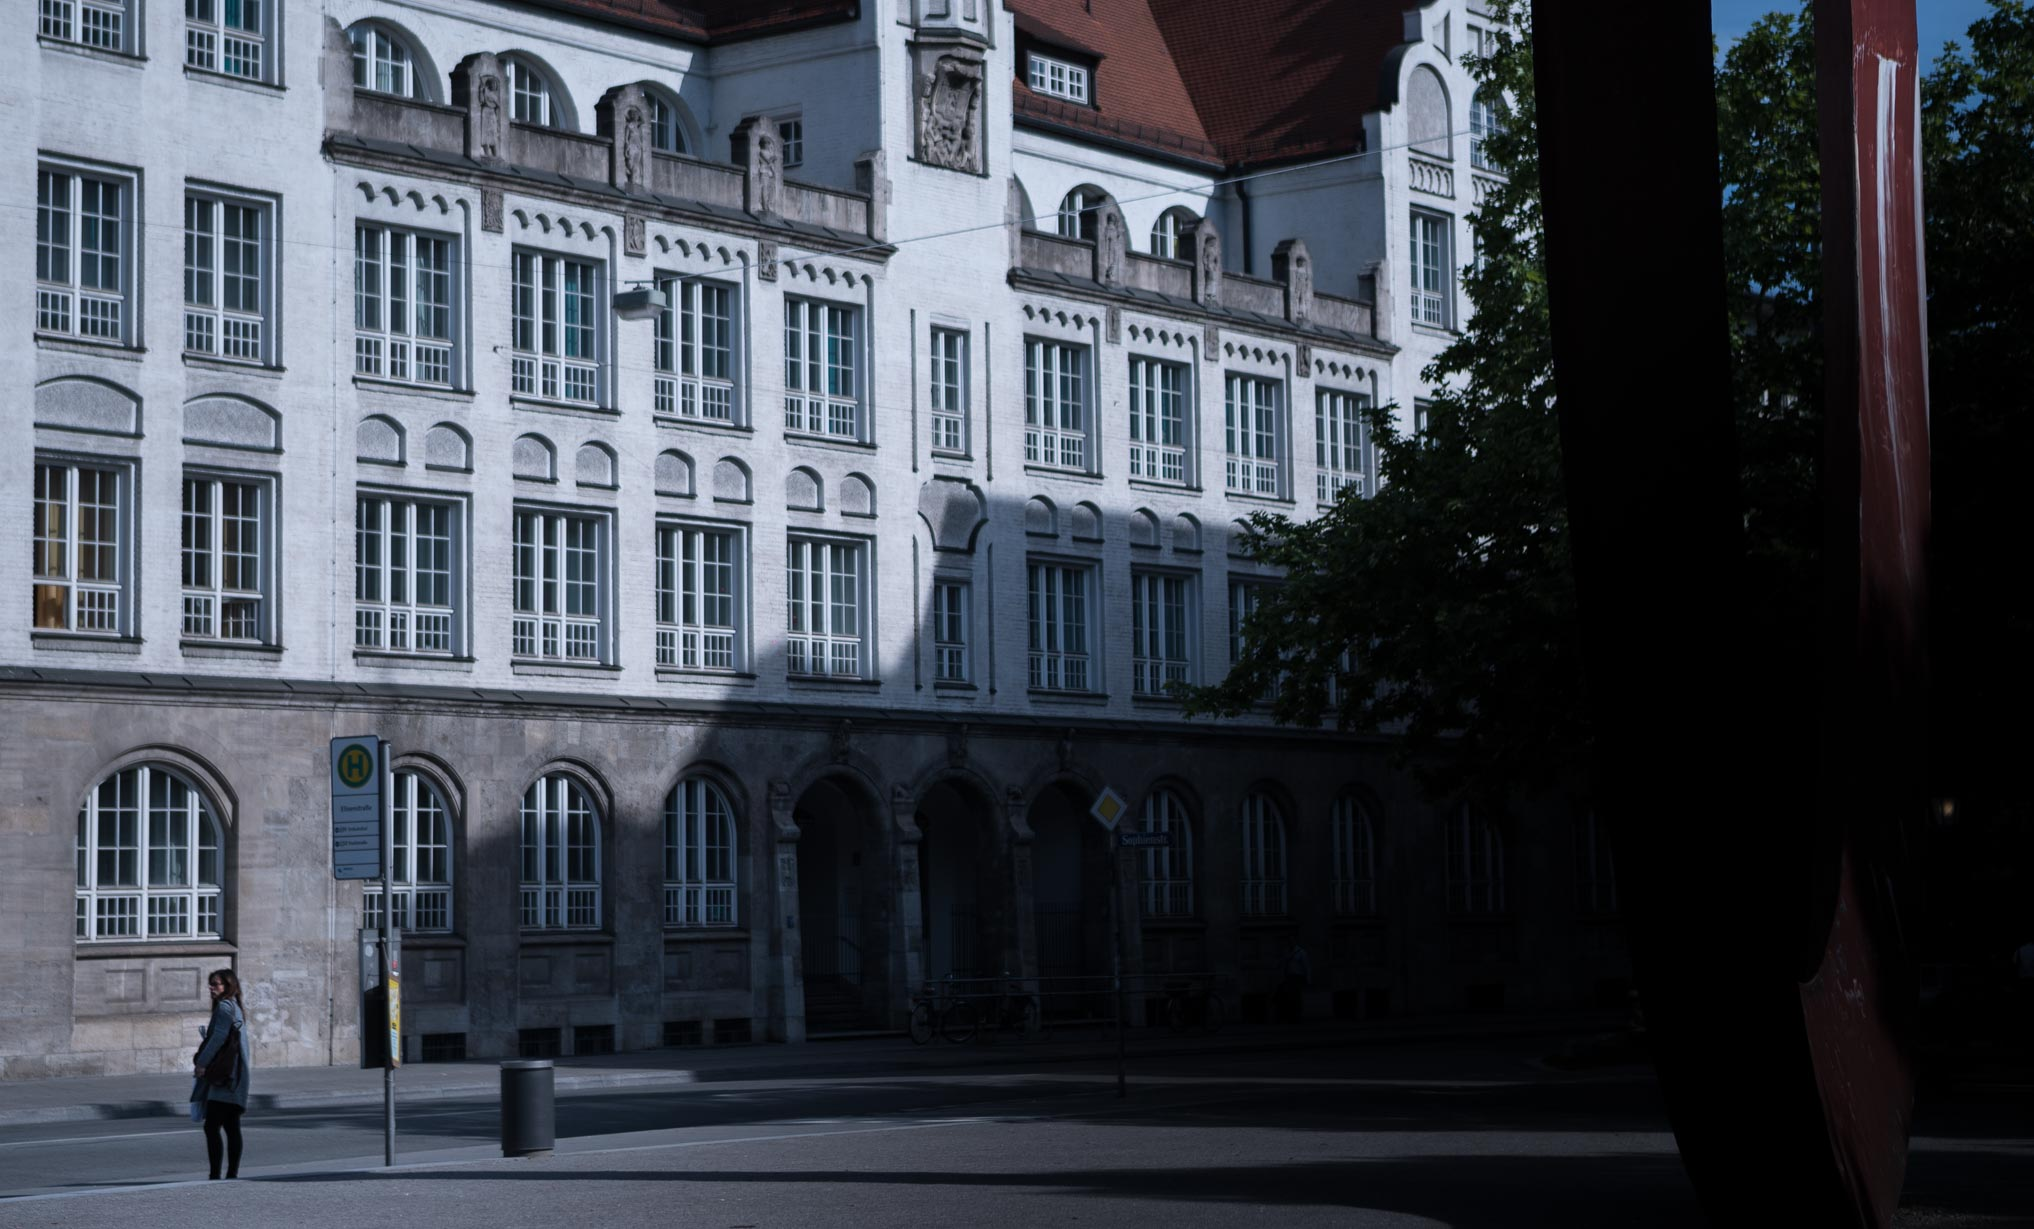 Photo by Pascal Sommer - Karl-Stützel-Platz